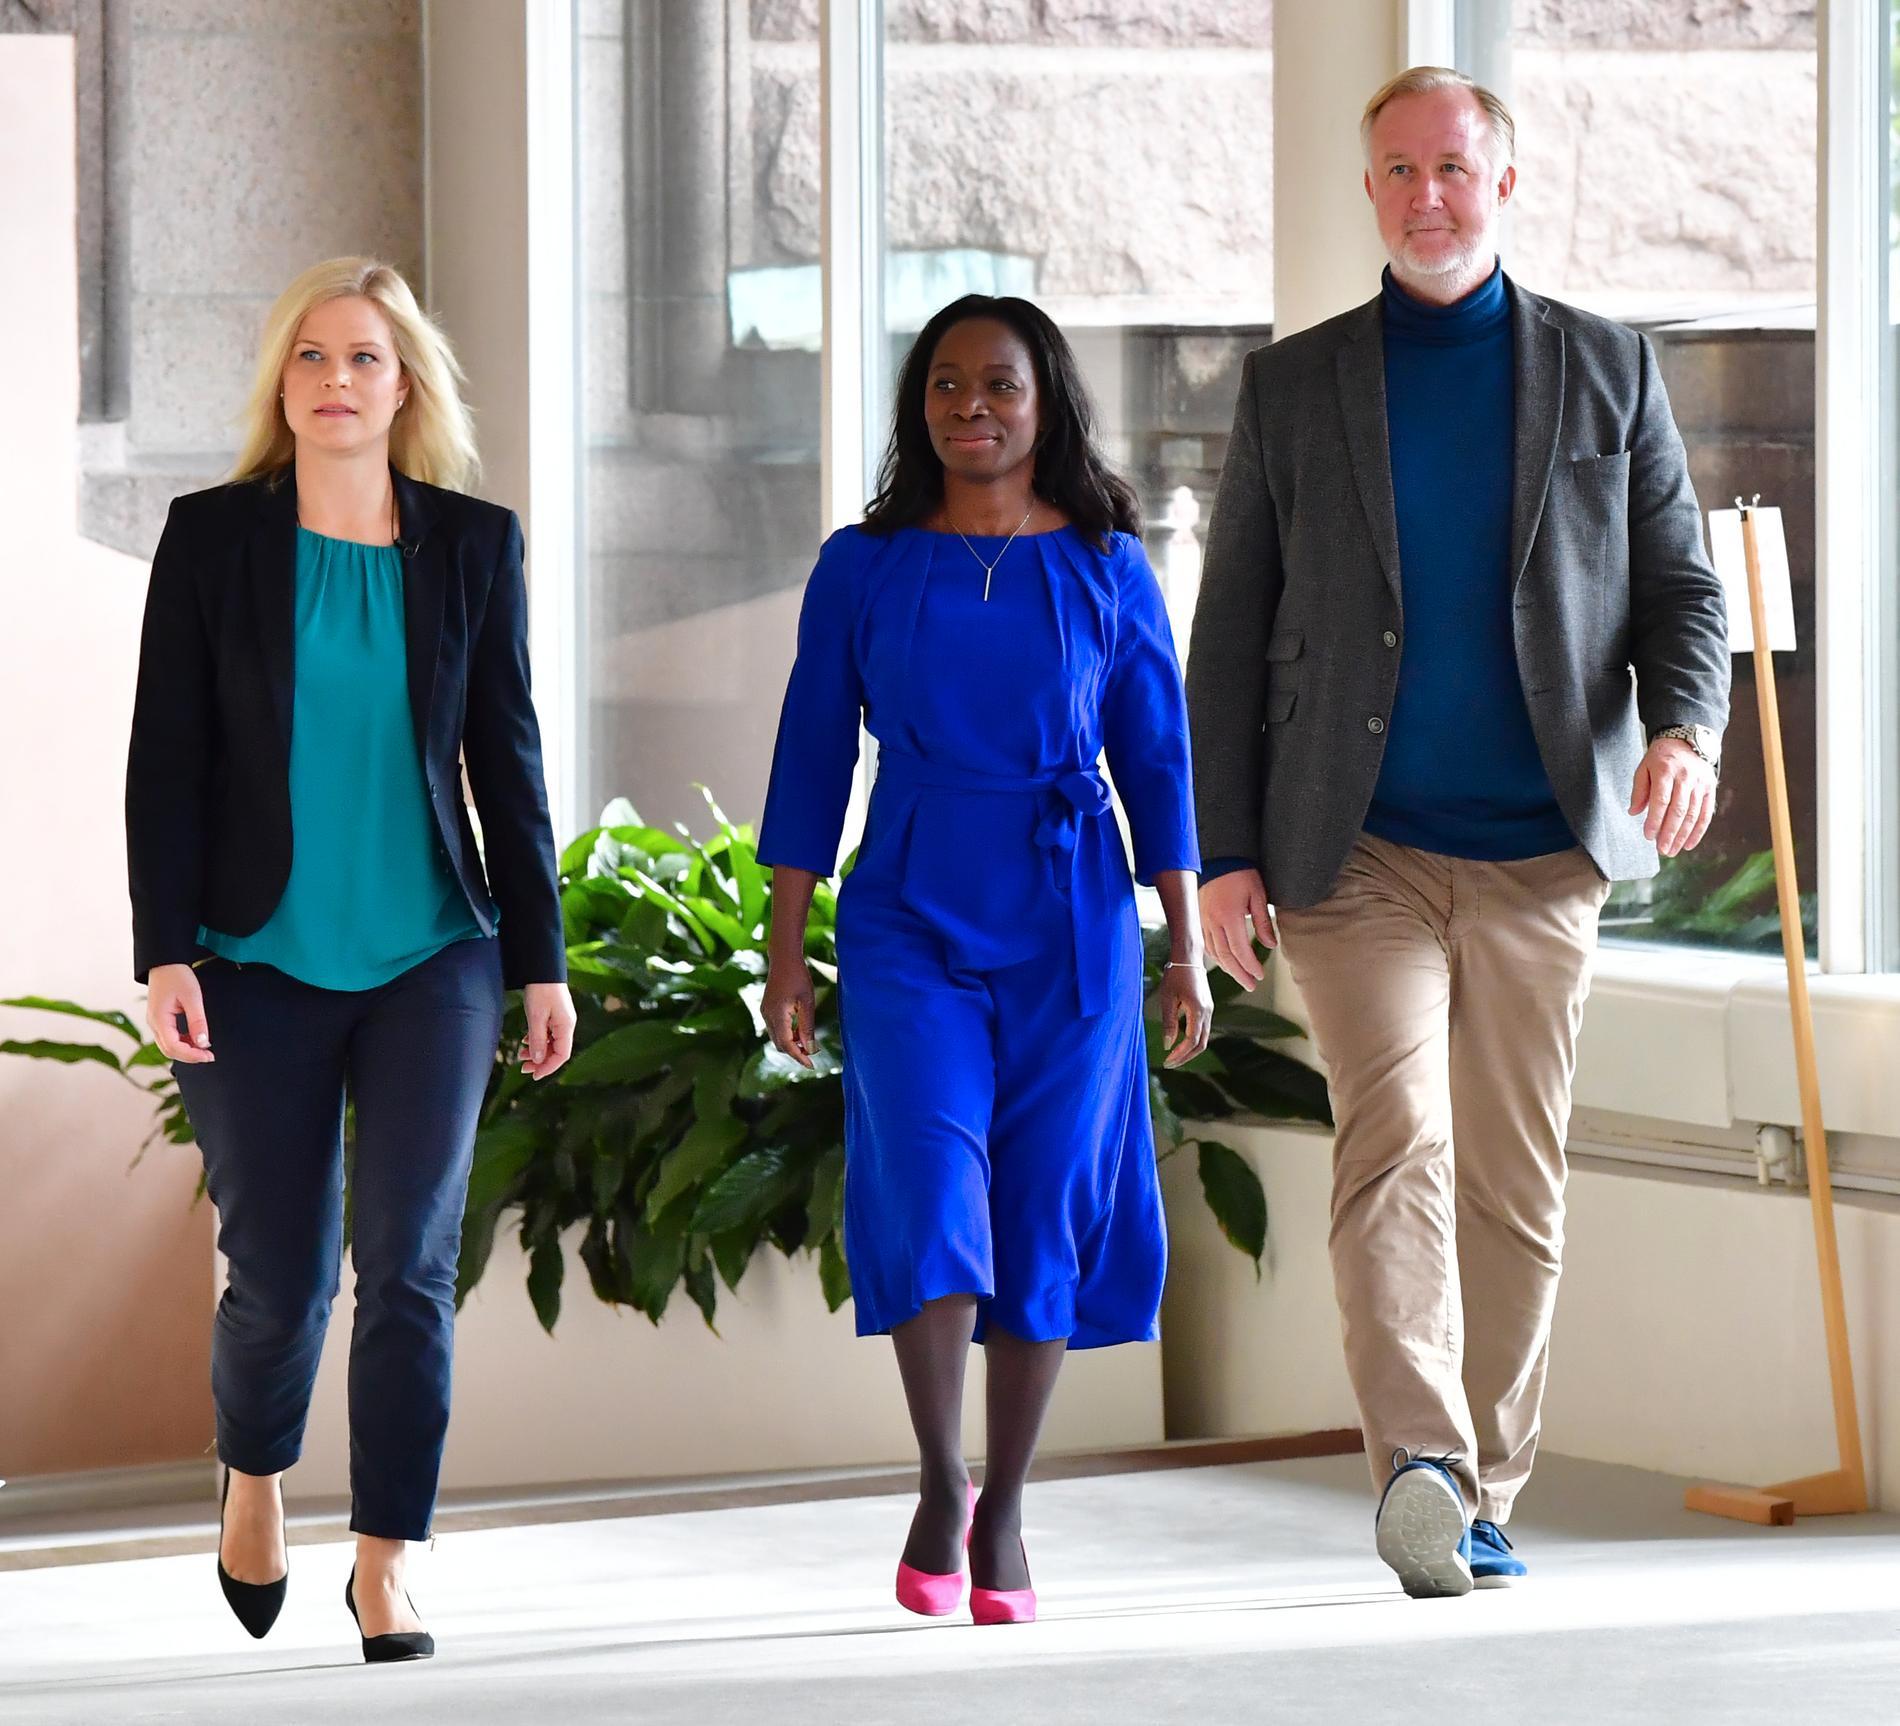 Åklagare Paulina Brandberg tillsammans med Liberalernas partiledare Nyamko Sabuni (L) och rättspolitiske talespersonen Johan Pehrson.